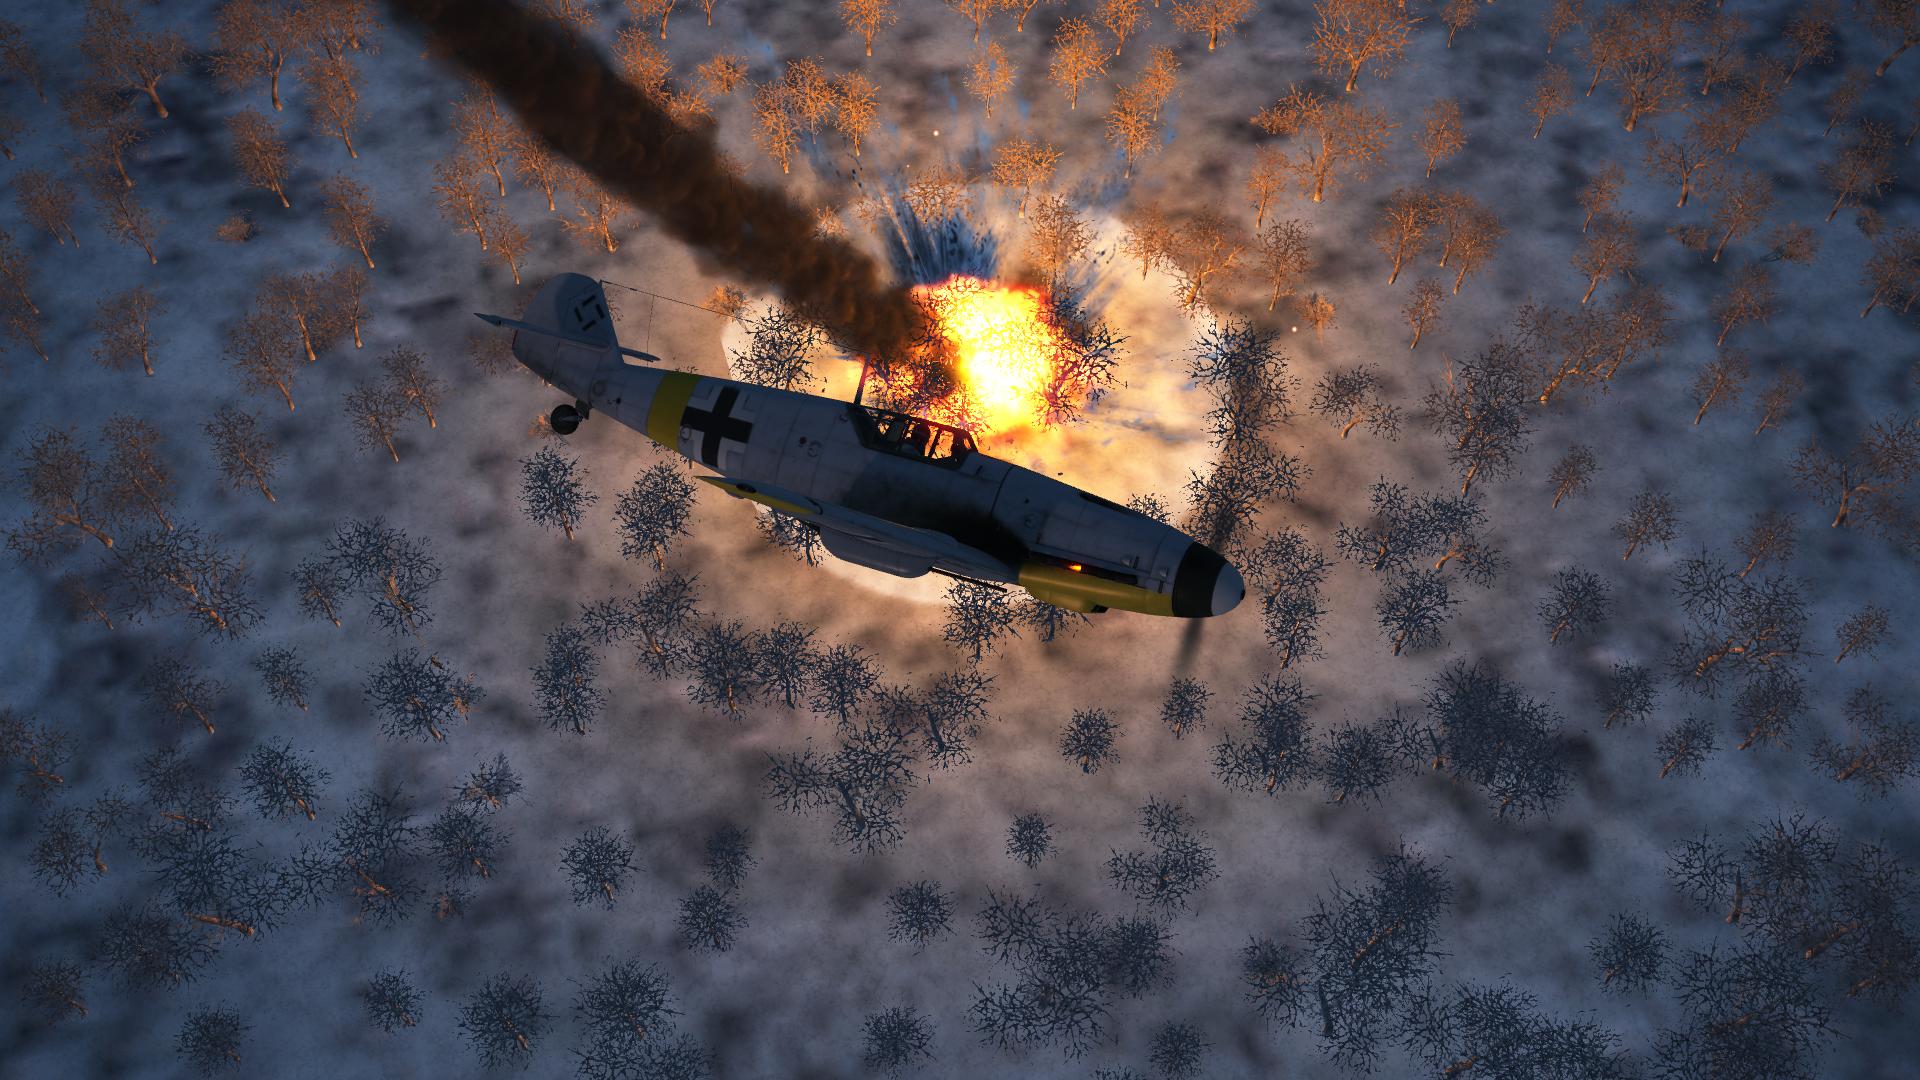 IL-2 Sturmovik Battle of Stalingrad Screenshot 2020.04.26 - 12.27.51.01.png